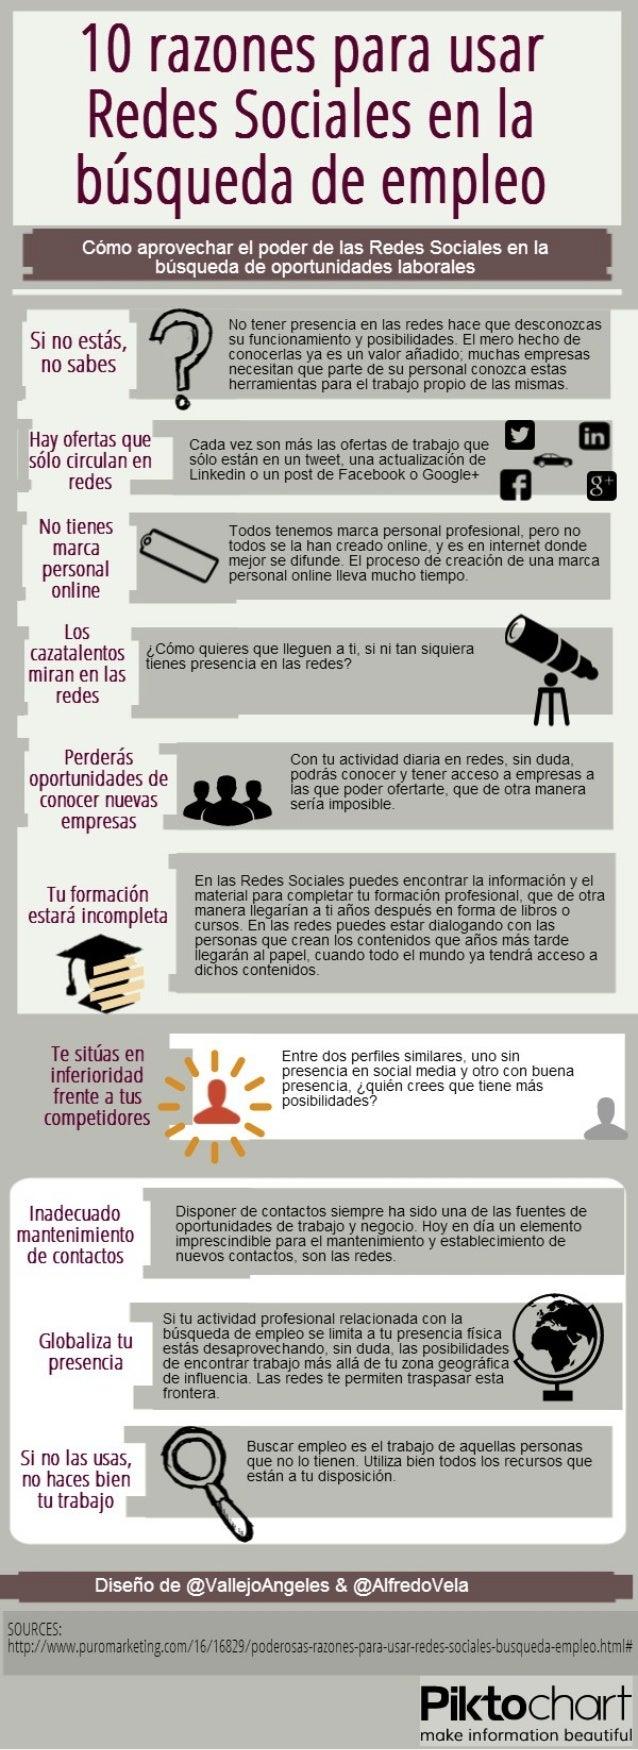 10 razones para usar Redes Sociales en la búsqueda de empleo